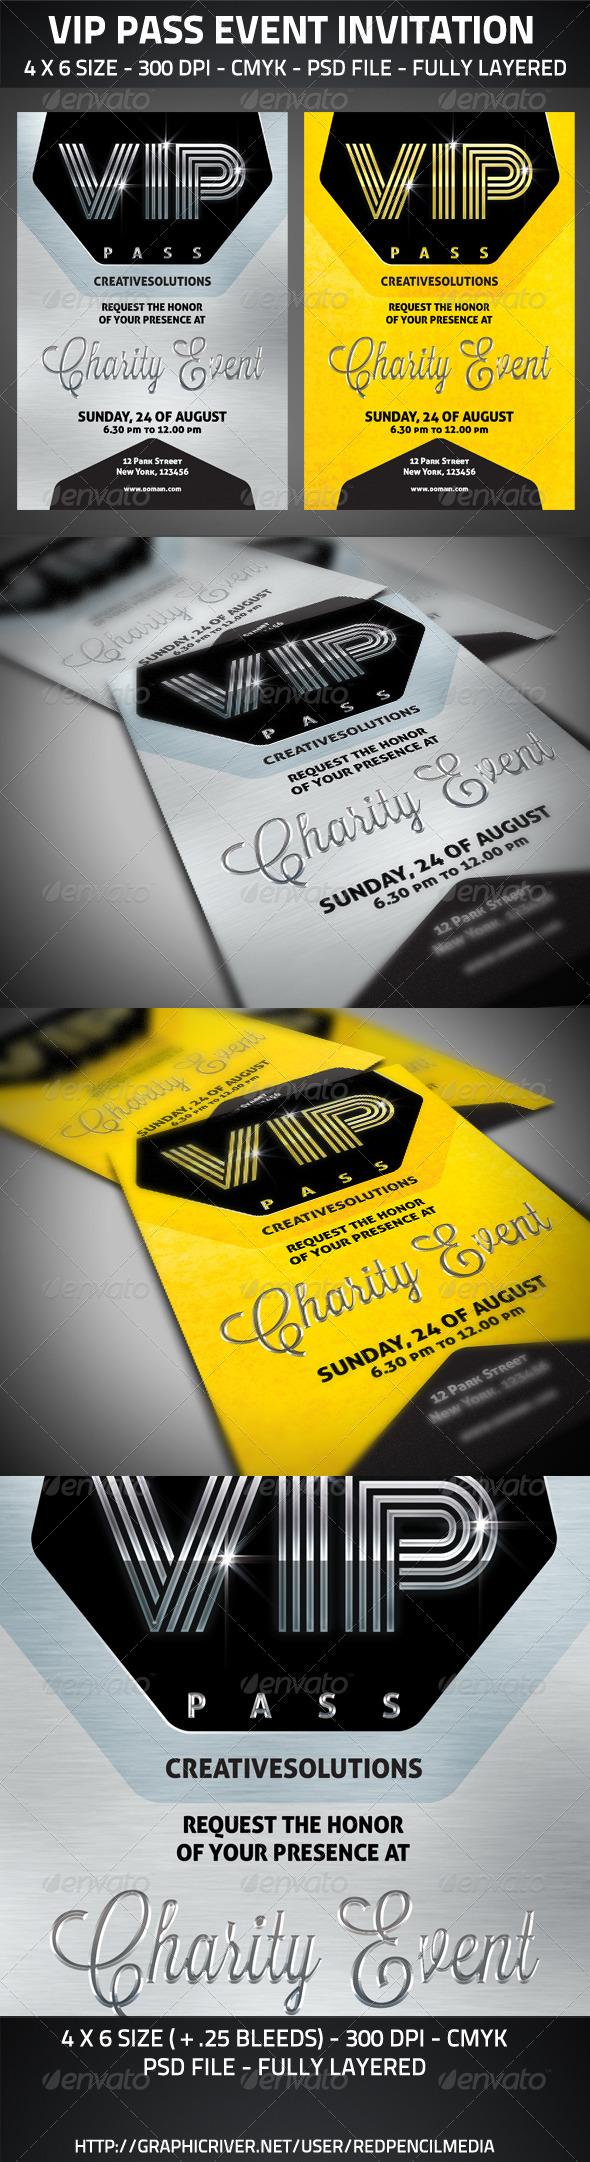 GraphicRiver VIP Pass Event Invitation 2794003